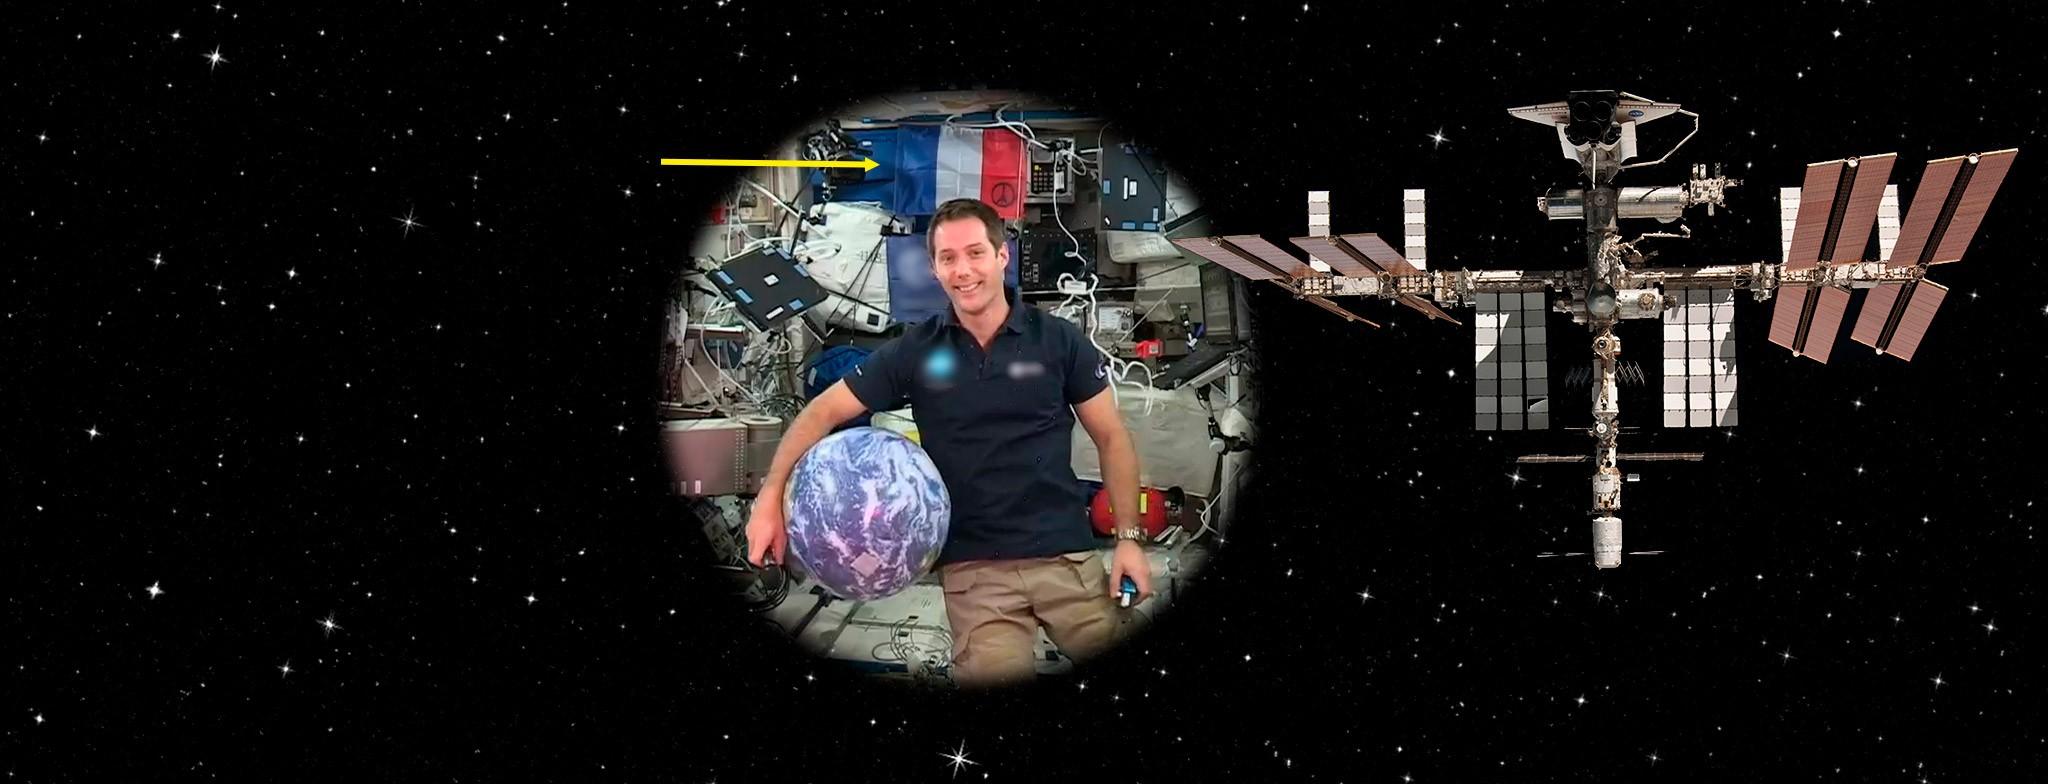 Drapeaux Unic dans l'espace